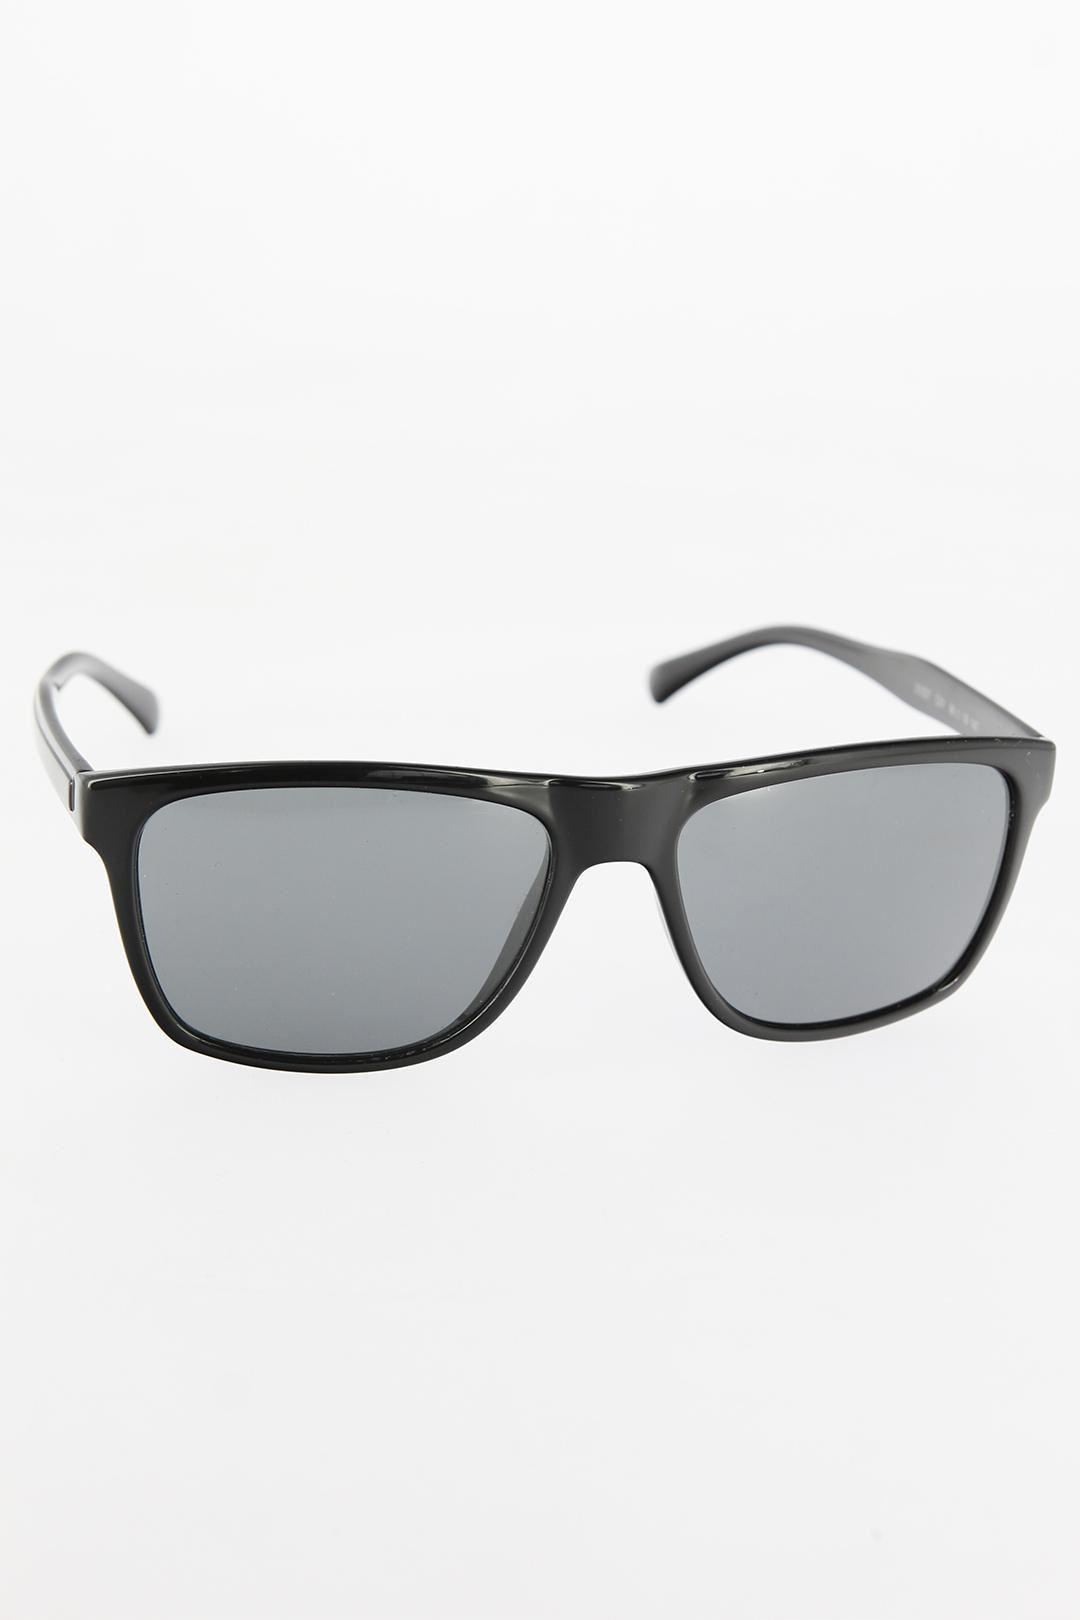 Siyah Dikdörtgen Çerçeveli Erkek Güneş Gözlüğü